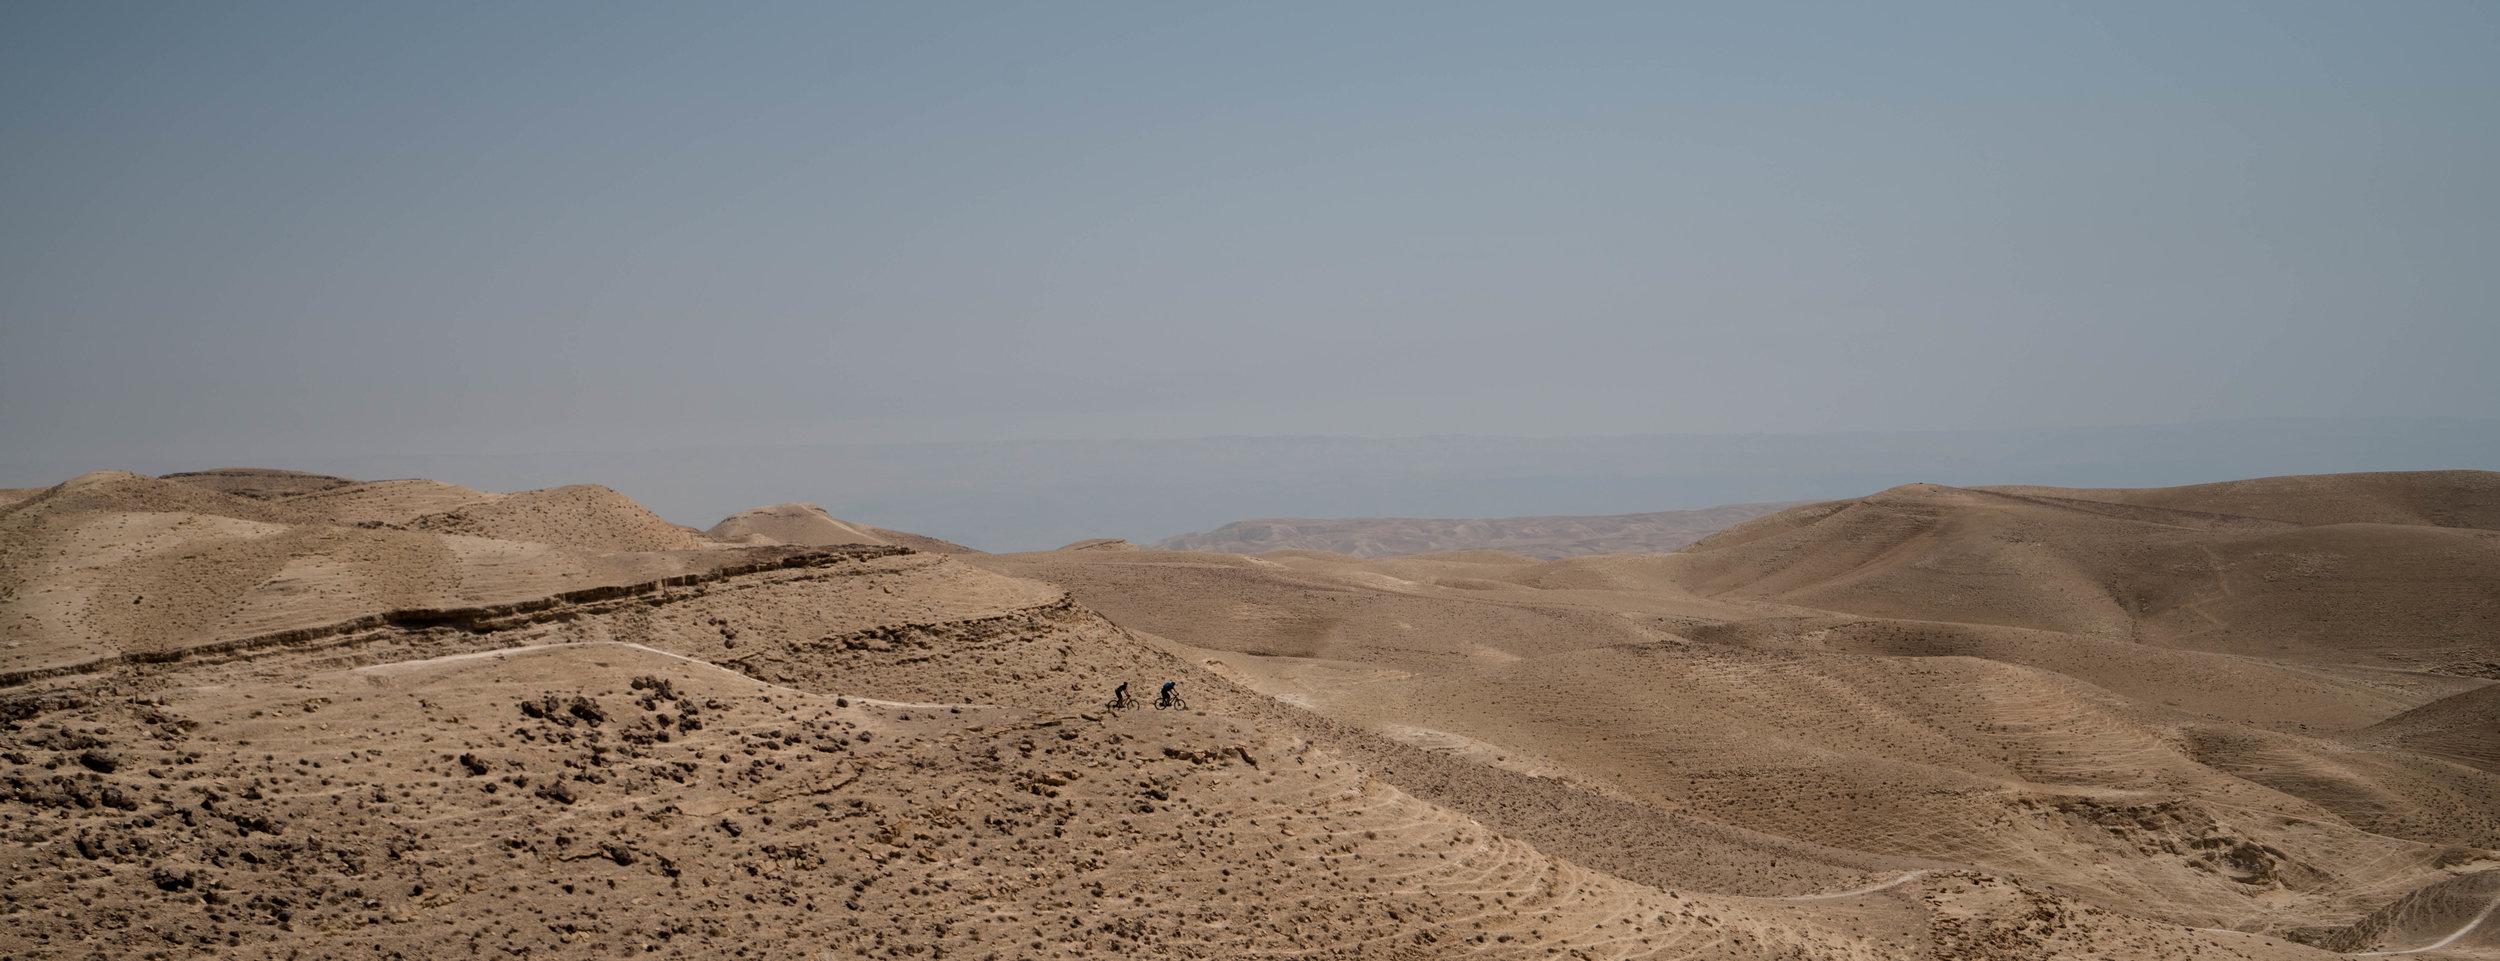 Epic_Israel-13.jpg